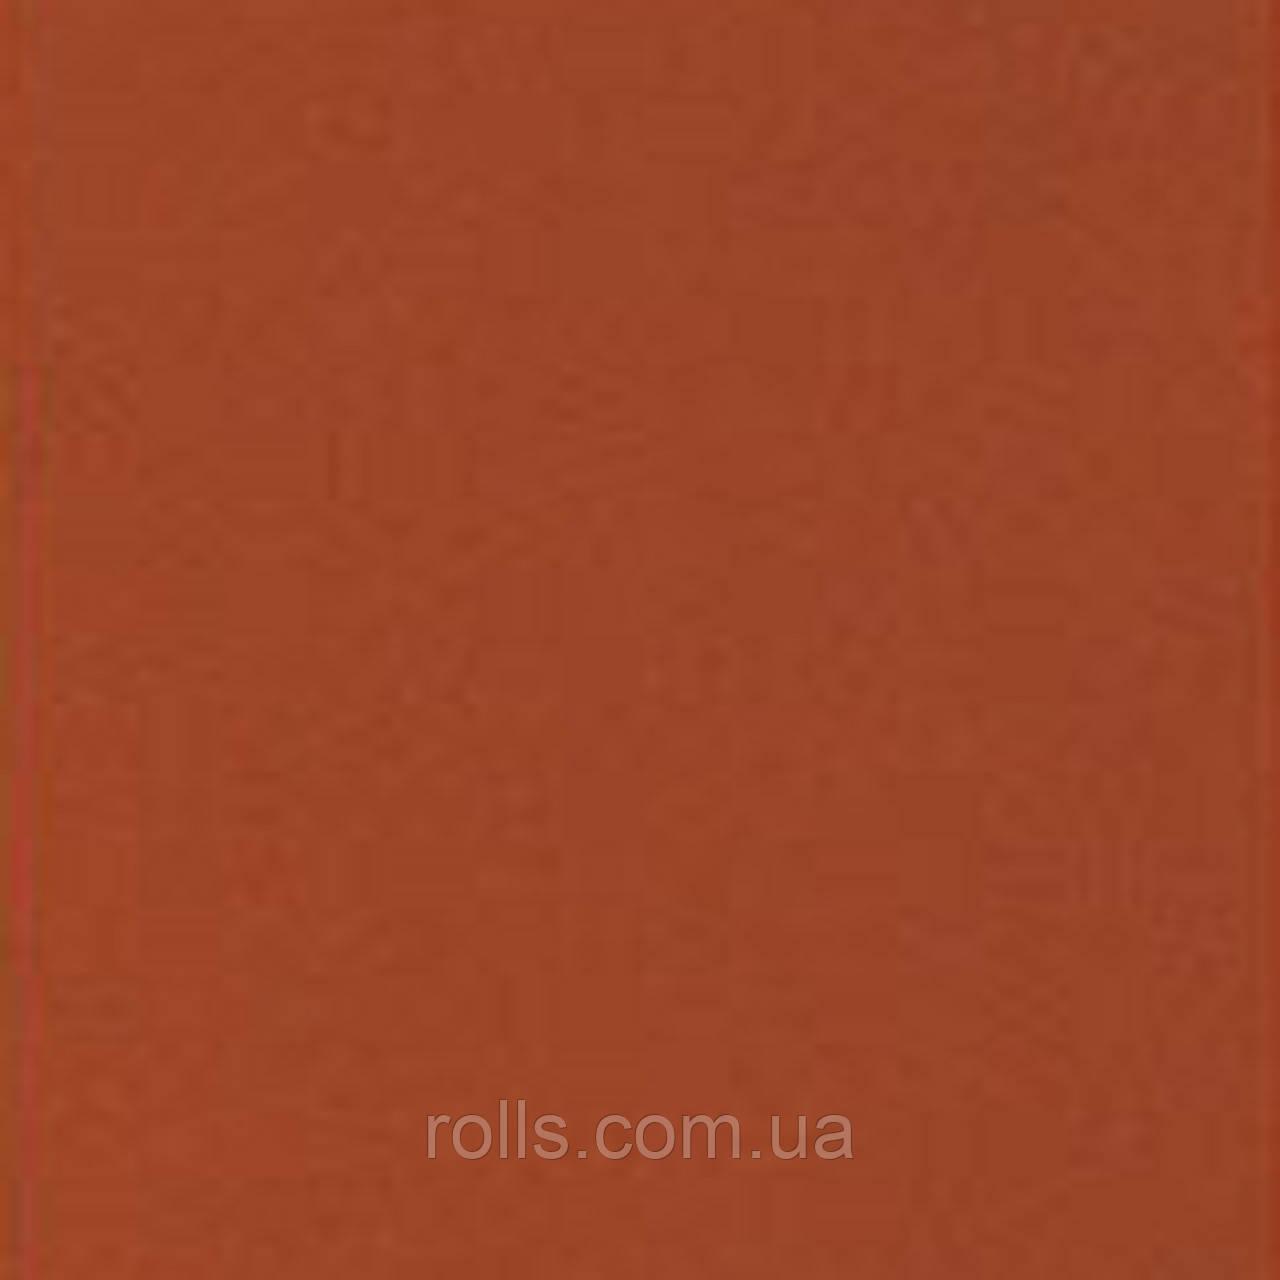 """Лист алюминиевый плоский PREFALZ Р.10 №04 ZIEGELROT """"КРАСНЫЙ КИРПИЧ"""" RAL8004 """"BRICK RED"""" 0,7х1000х2000мм"""